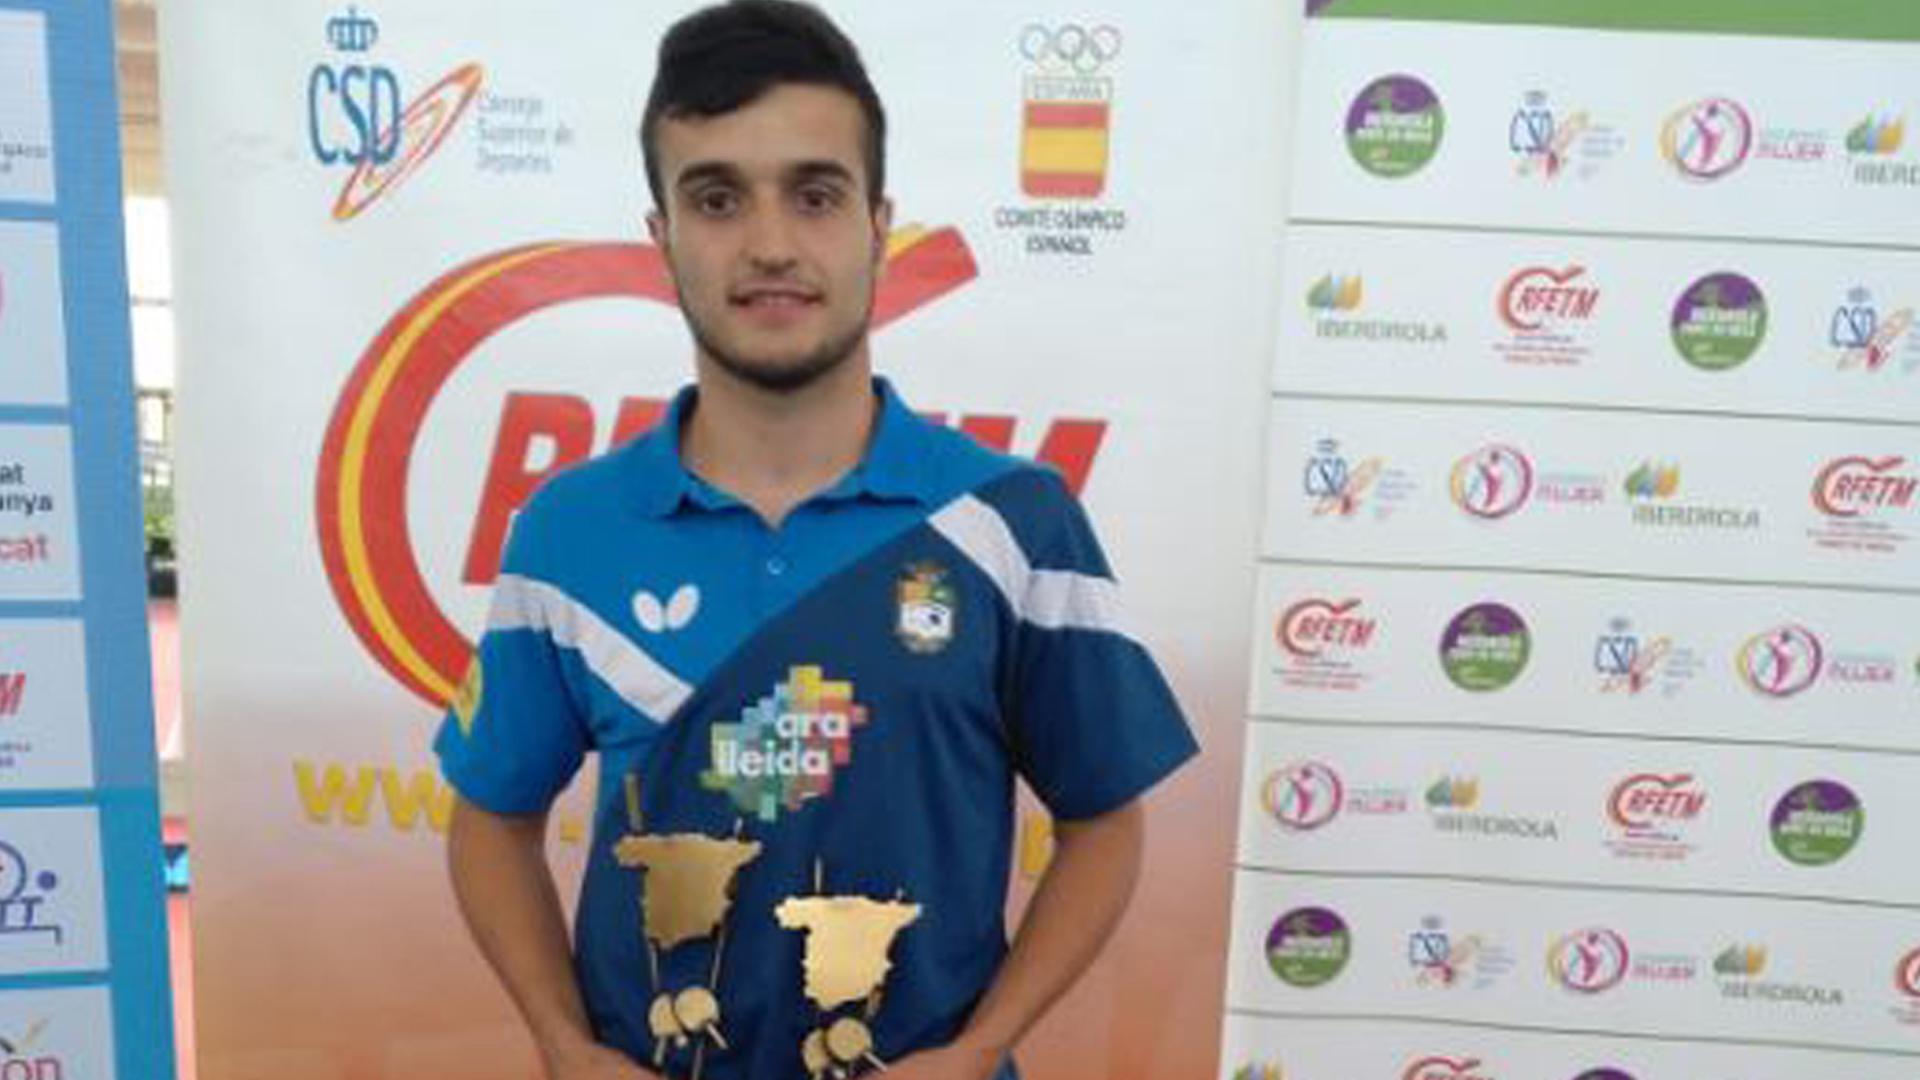 Joan Masip del CTT Borges aconsegueix dues medalles als Campionats d'Espanya